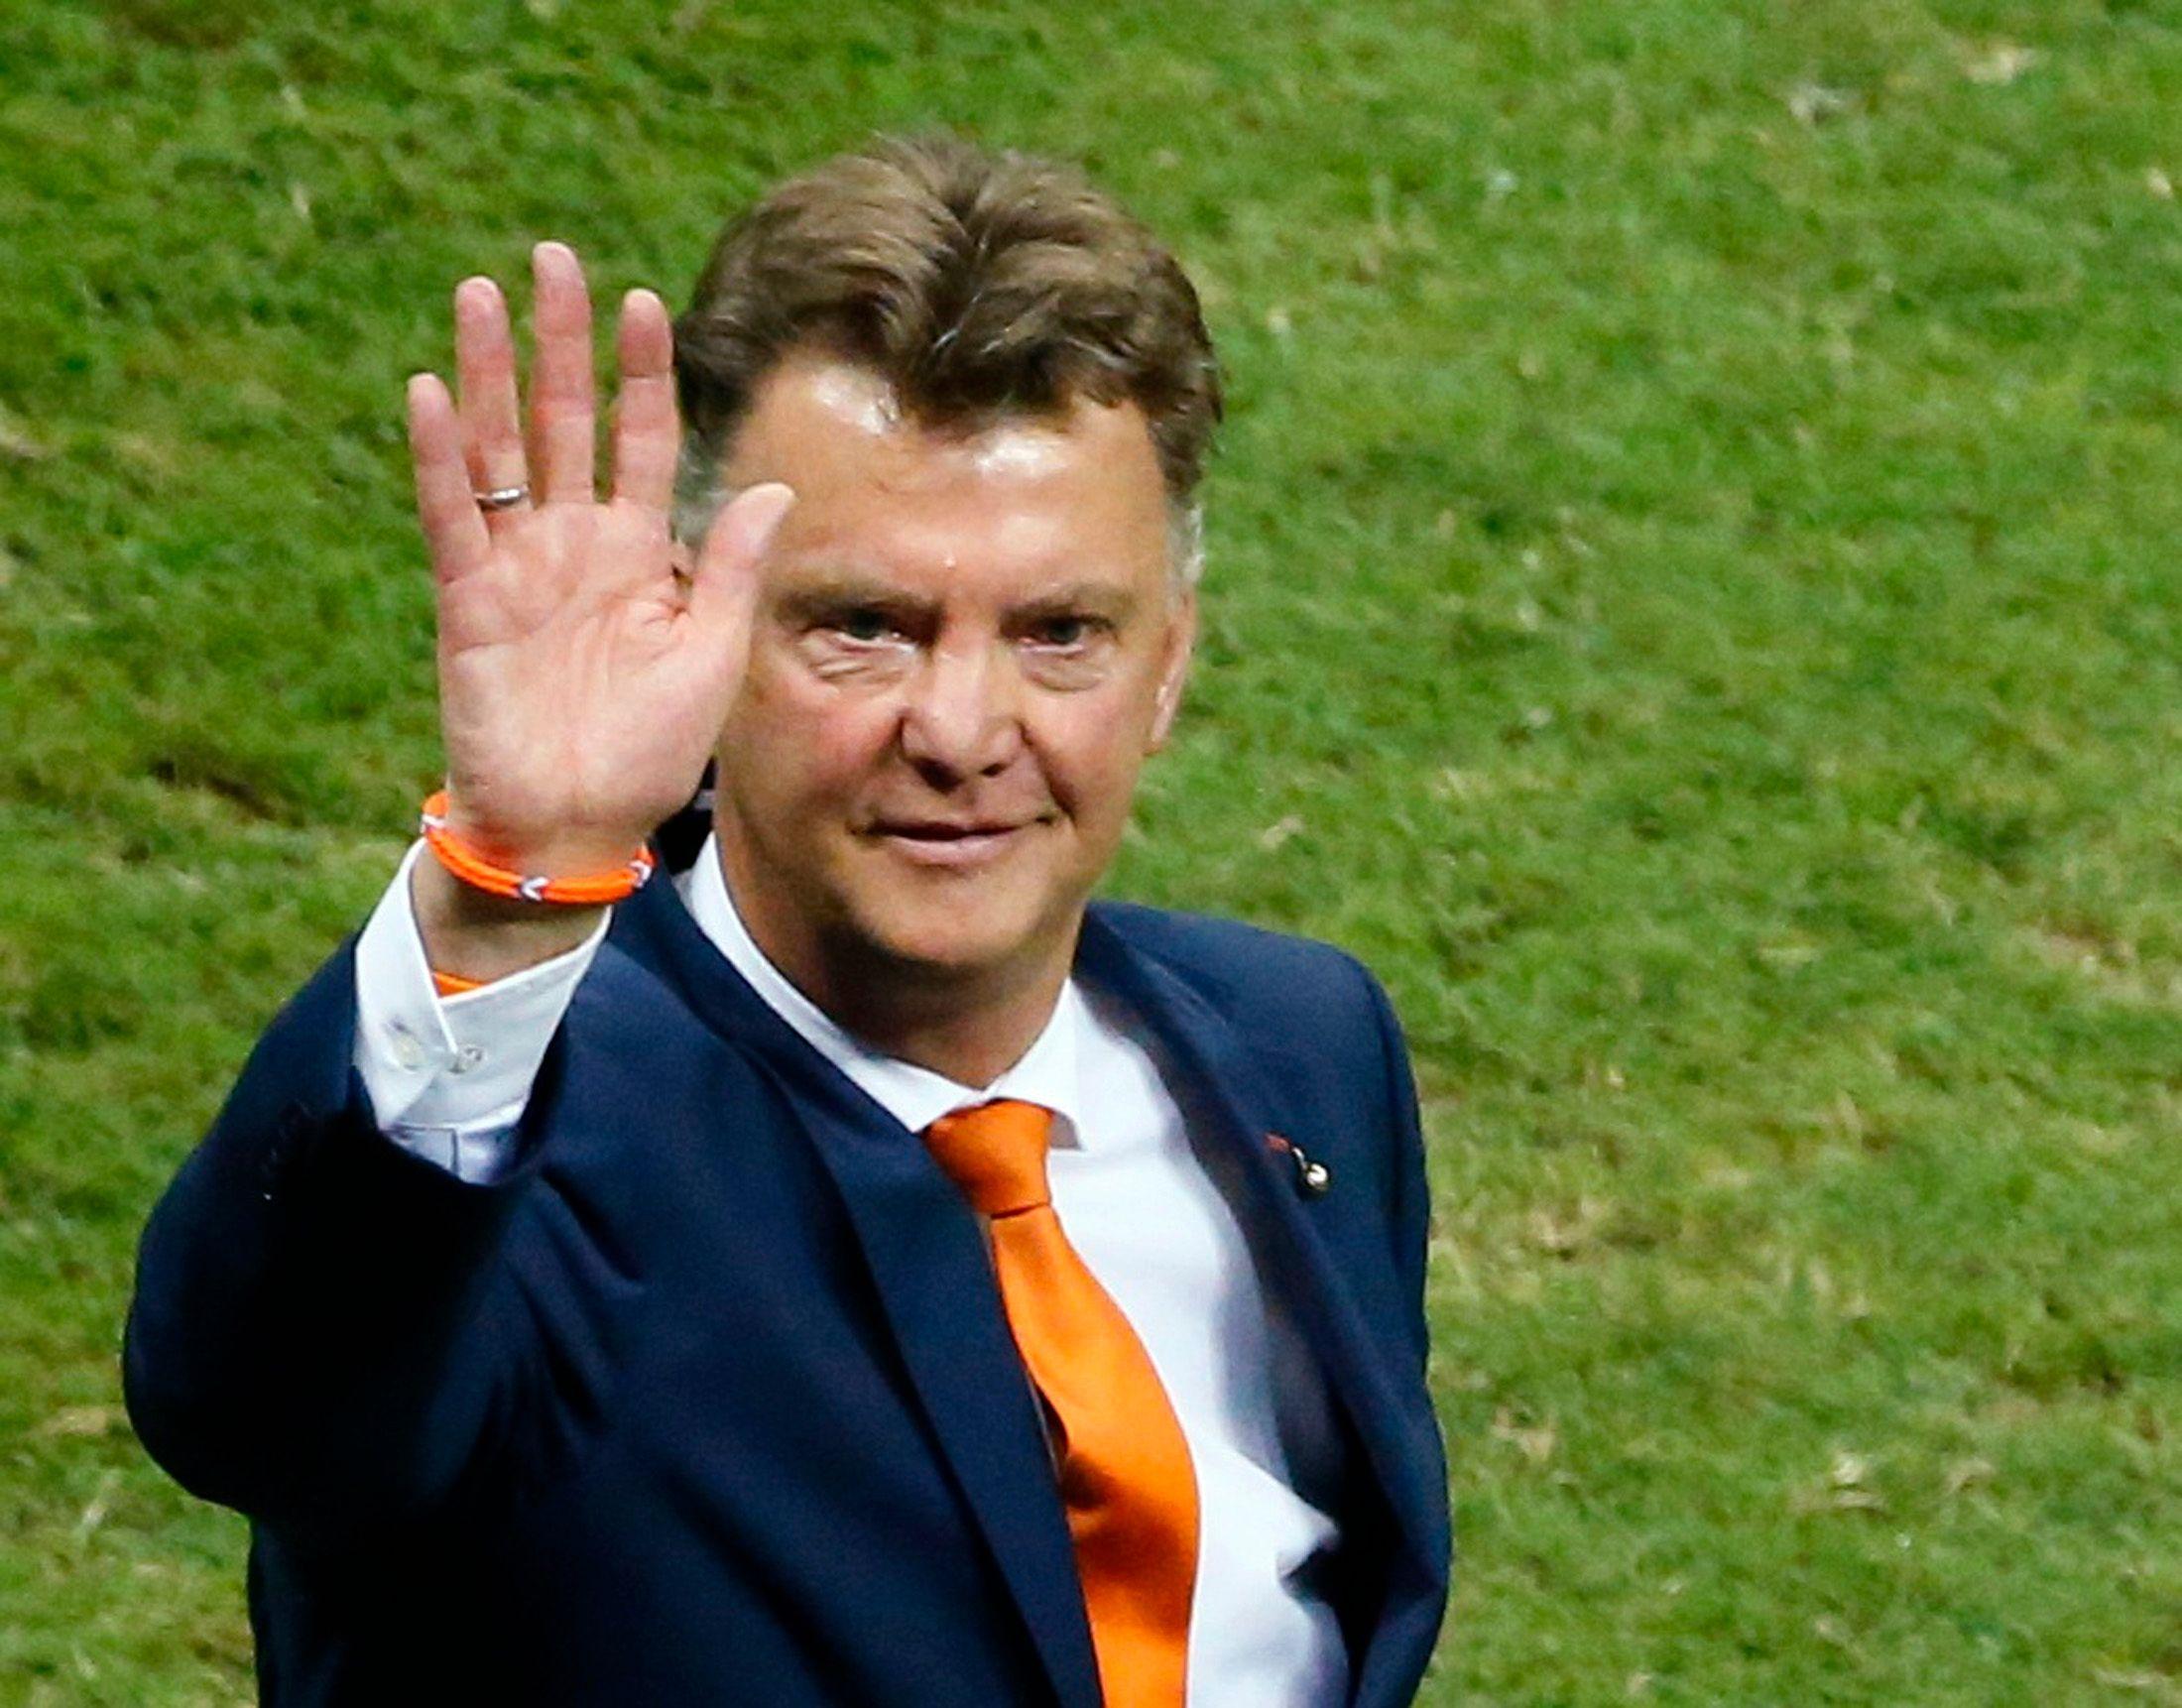 Louis Van Gaal sélectionneur des Pays-Bas